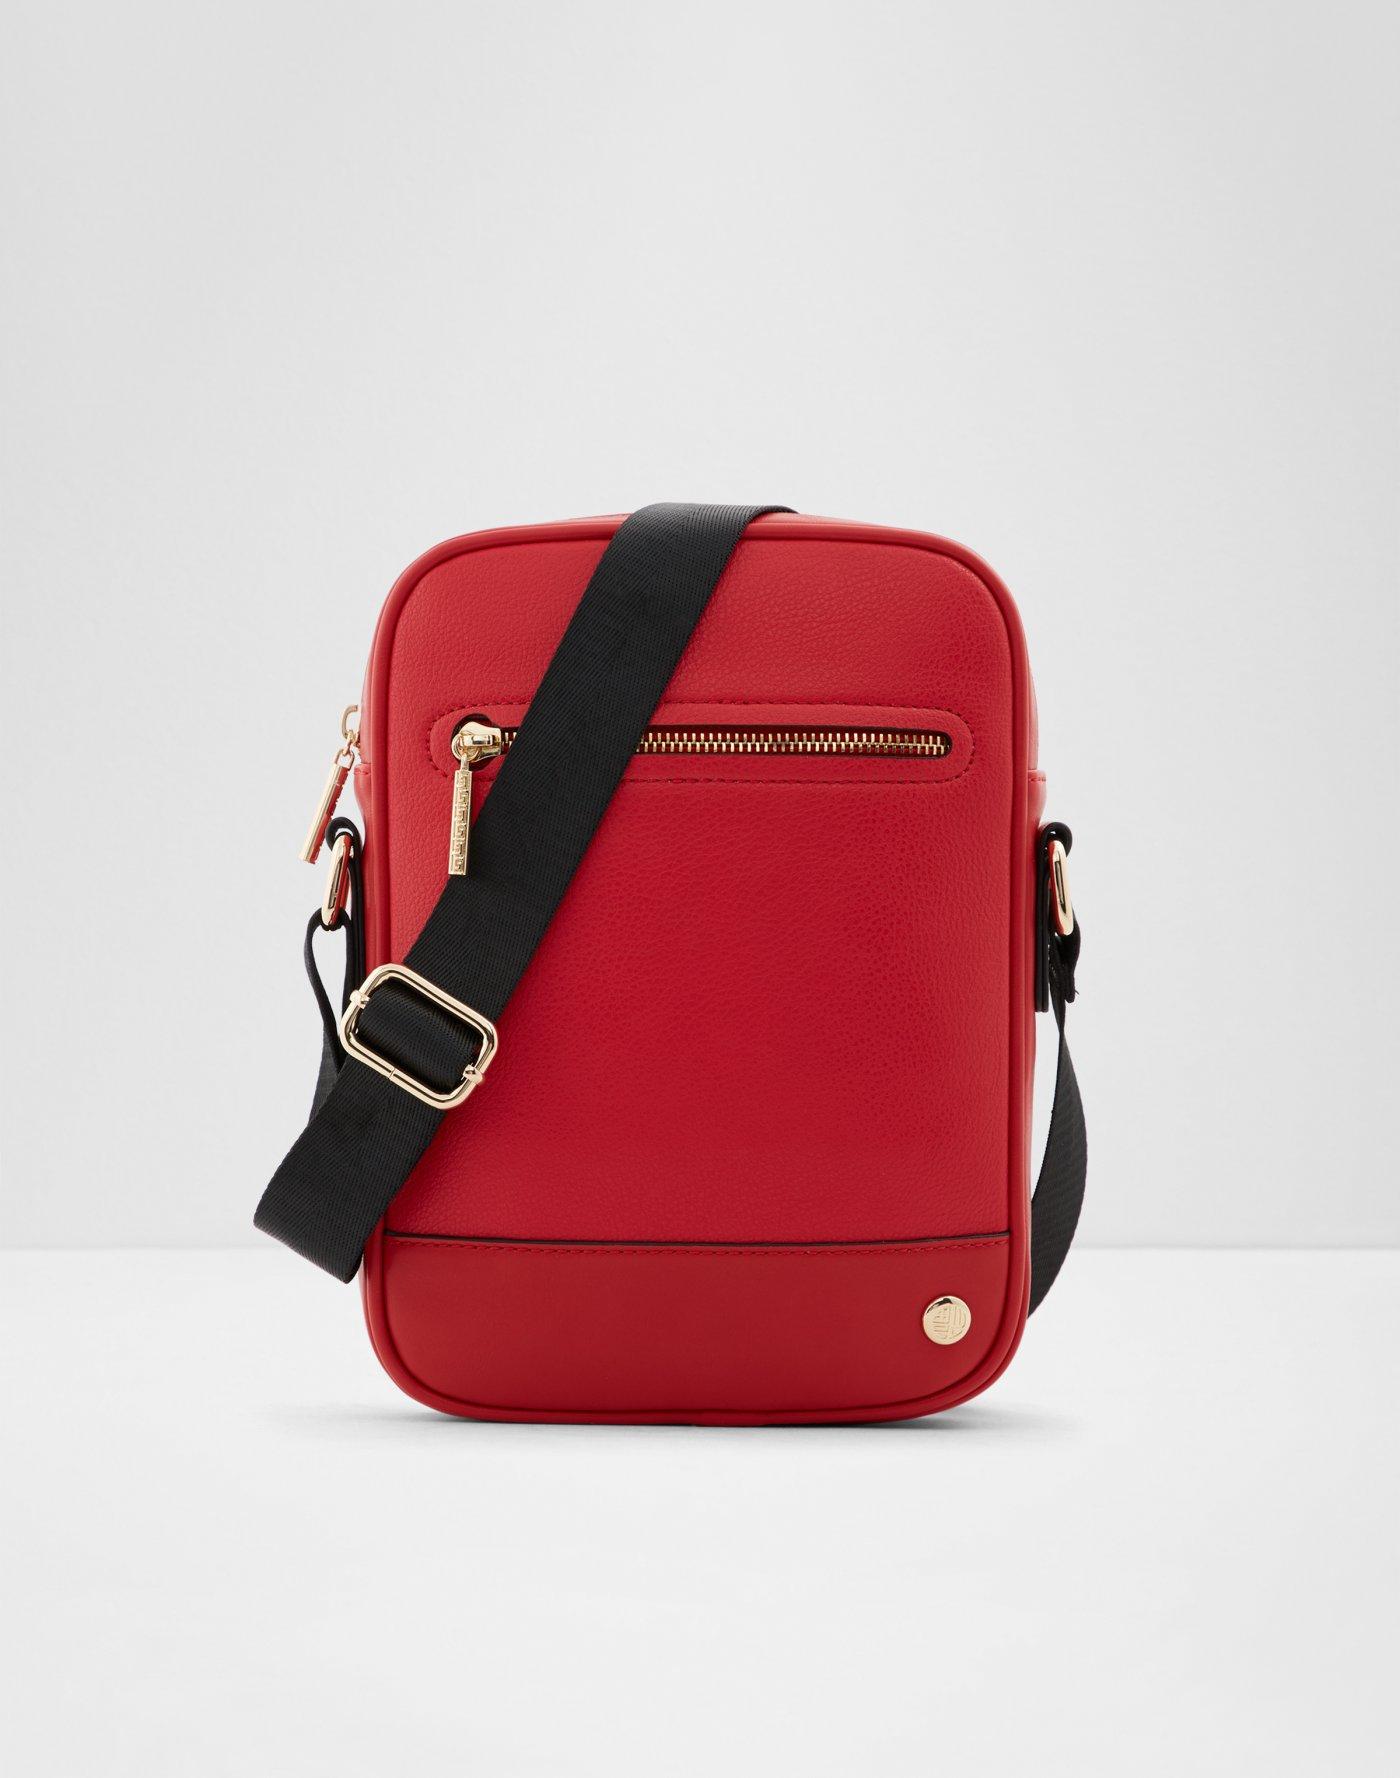 46e23c0c995f Bags   wallets